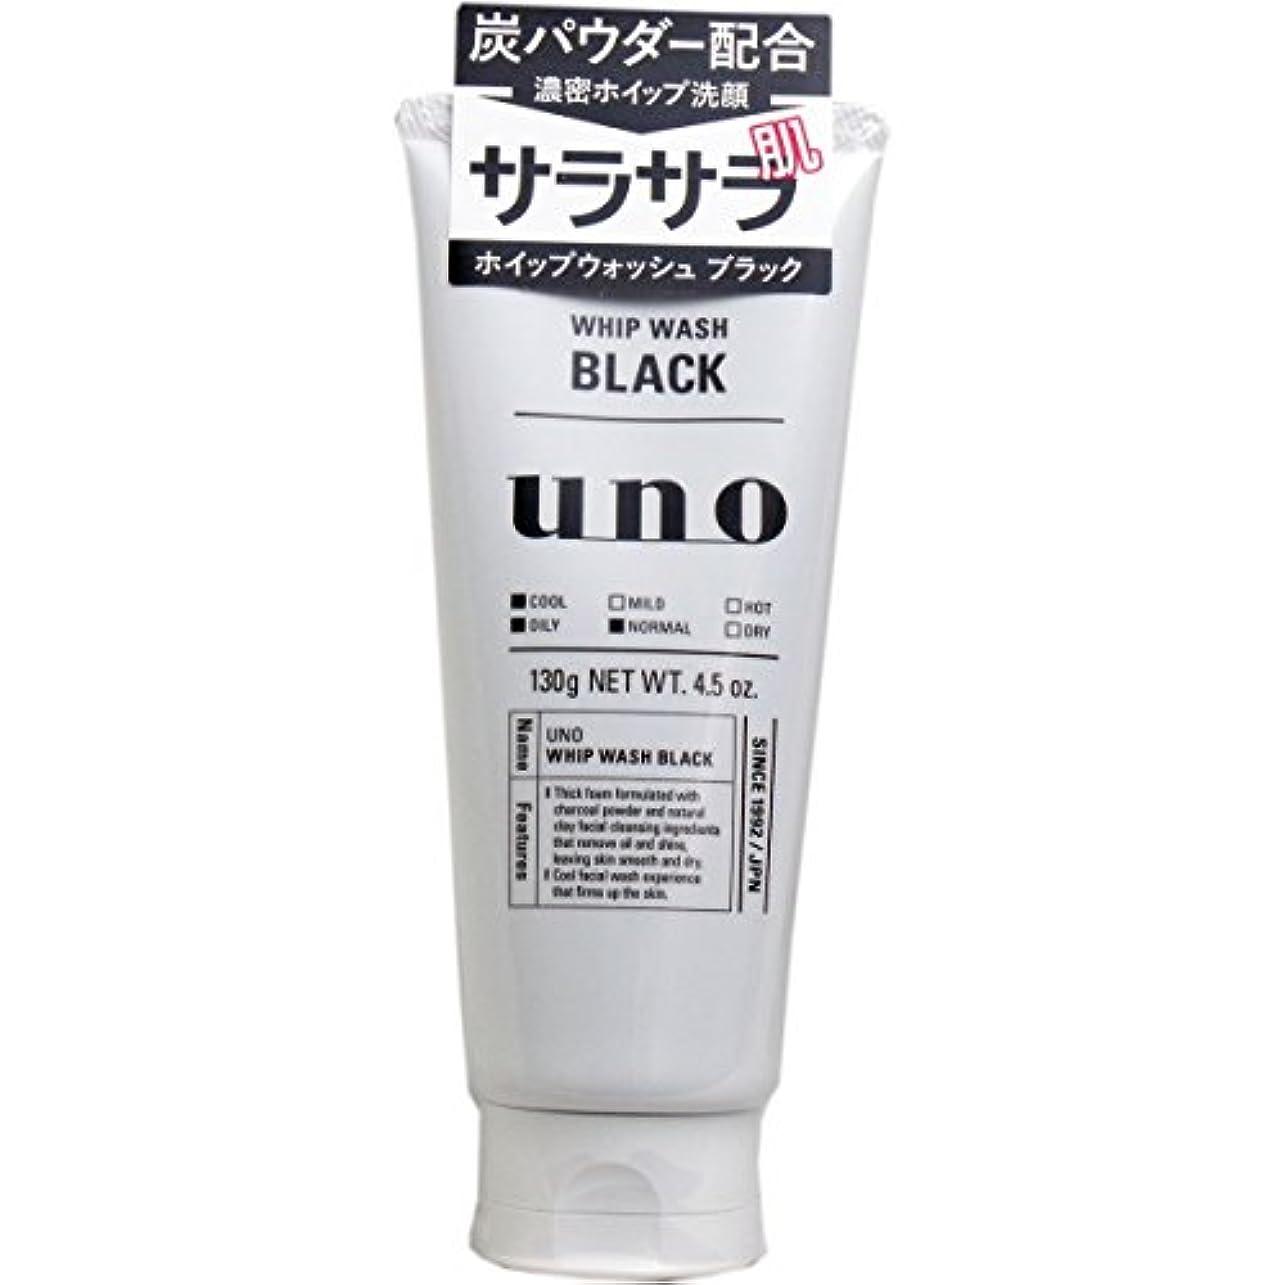 インデックス徴収葉を集める【まとめ買い】ウーノ ホイップウォッシュ (ブラック) 洗顔料 130g×4個